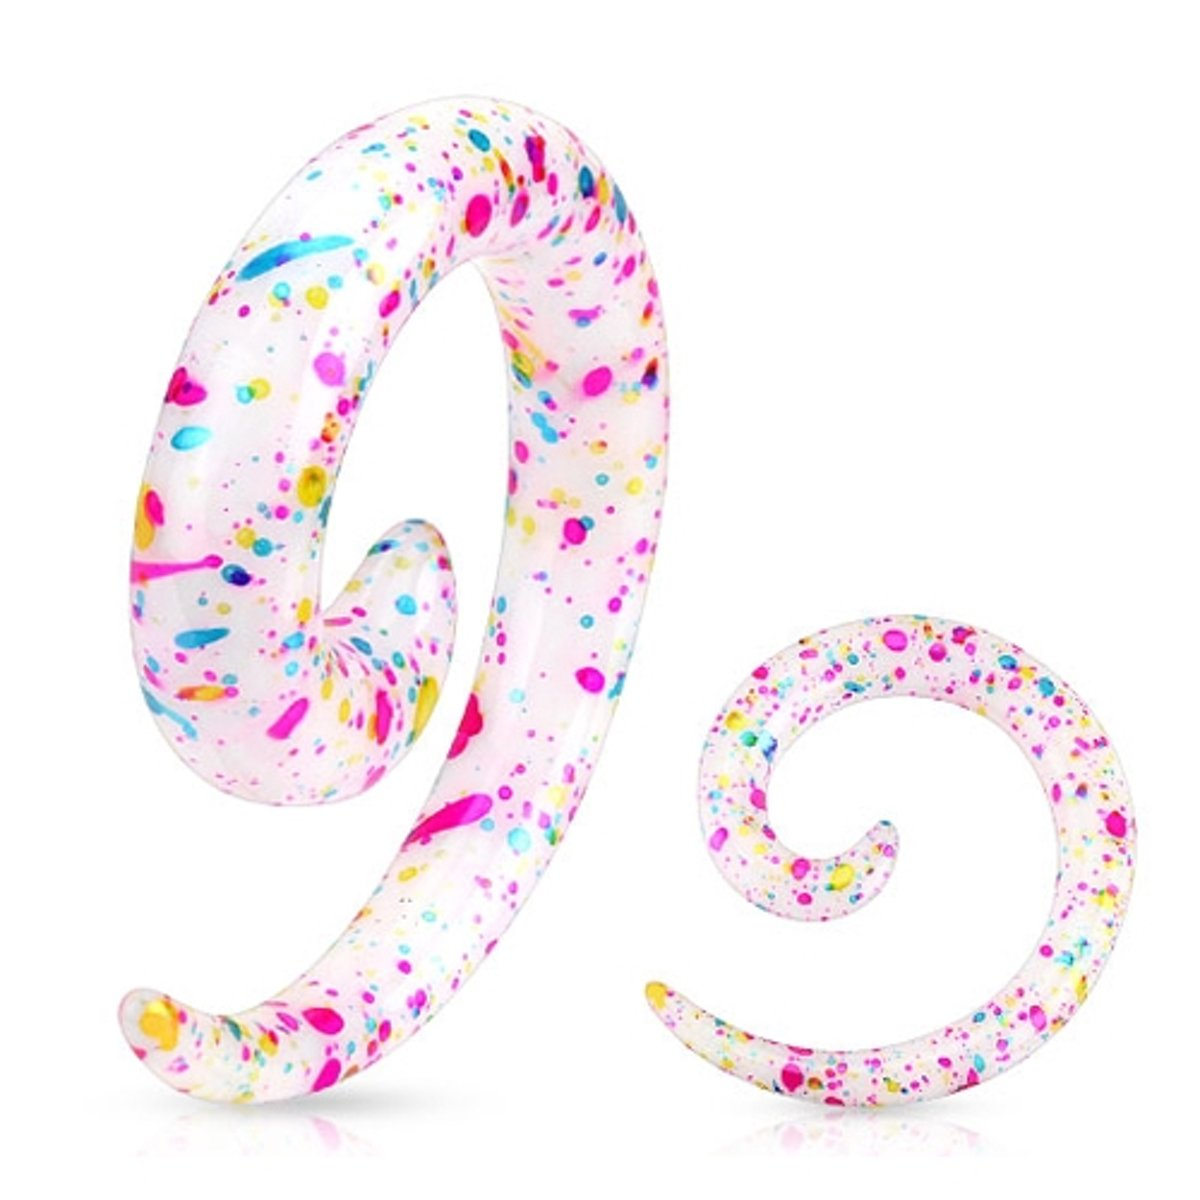 8 mm taper spiraal blauw, roze en gele spetters ©LMPiercings kopen